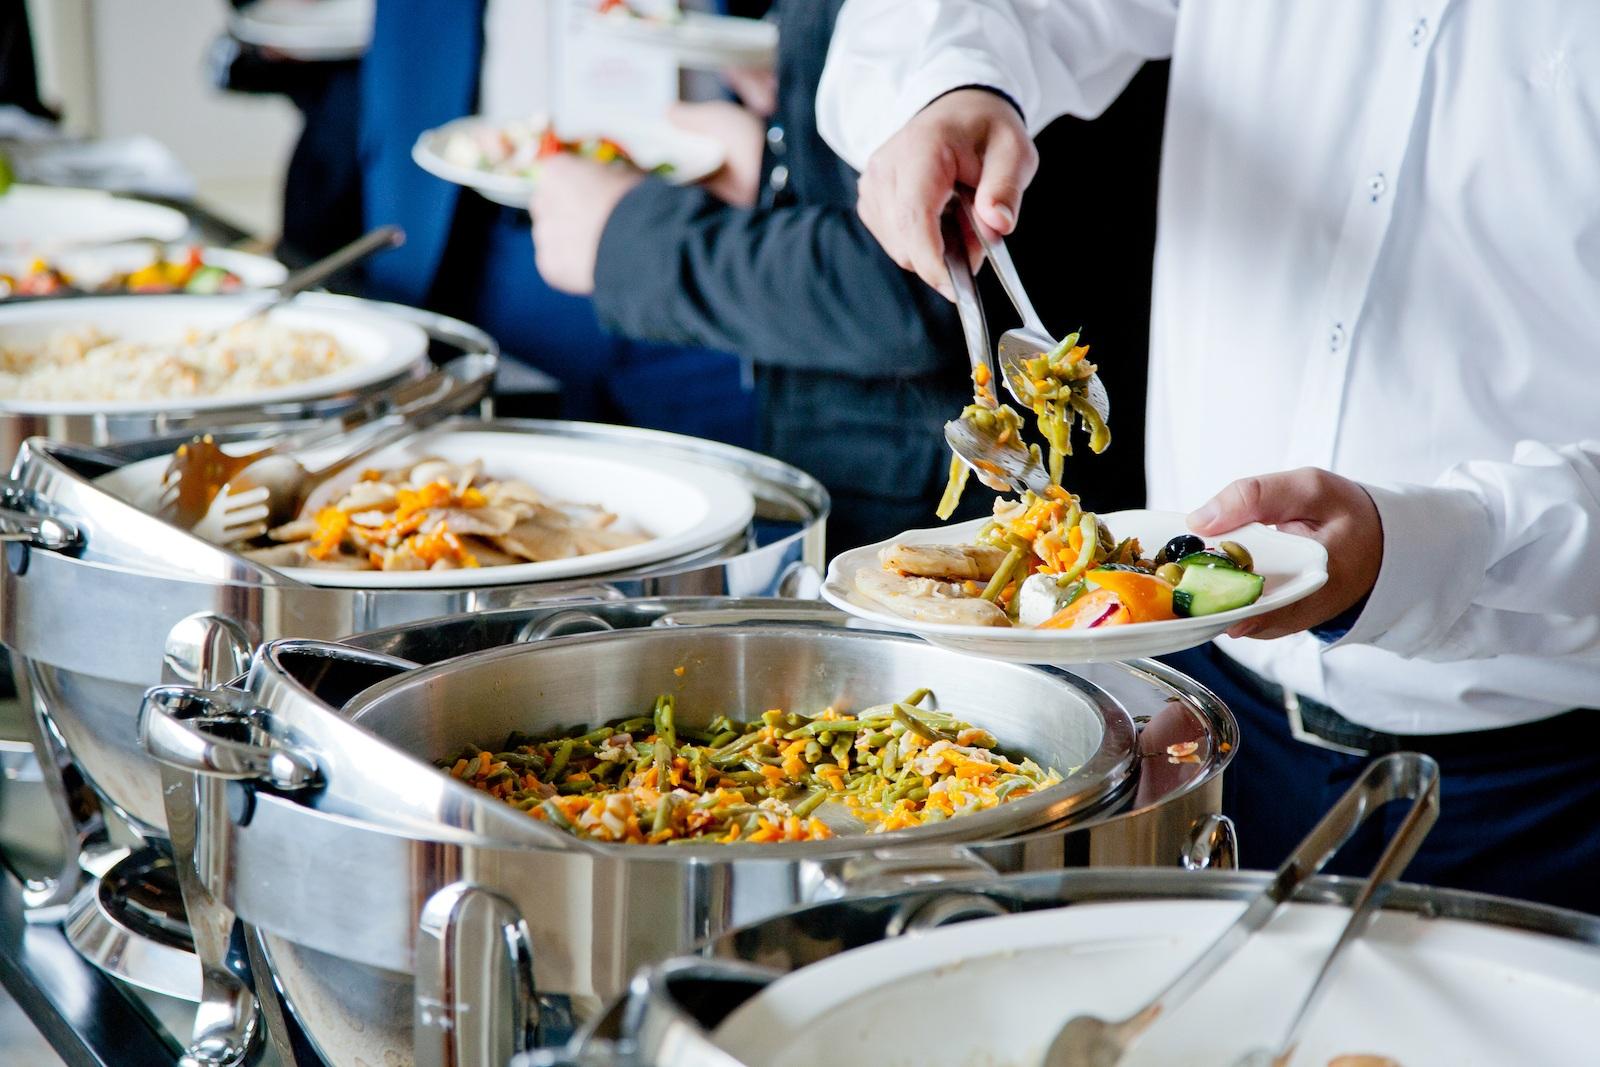 Buffet meal at a banquet